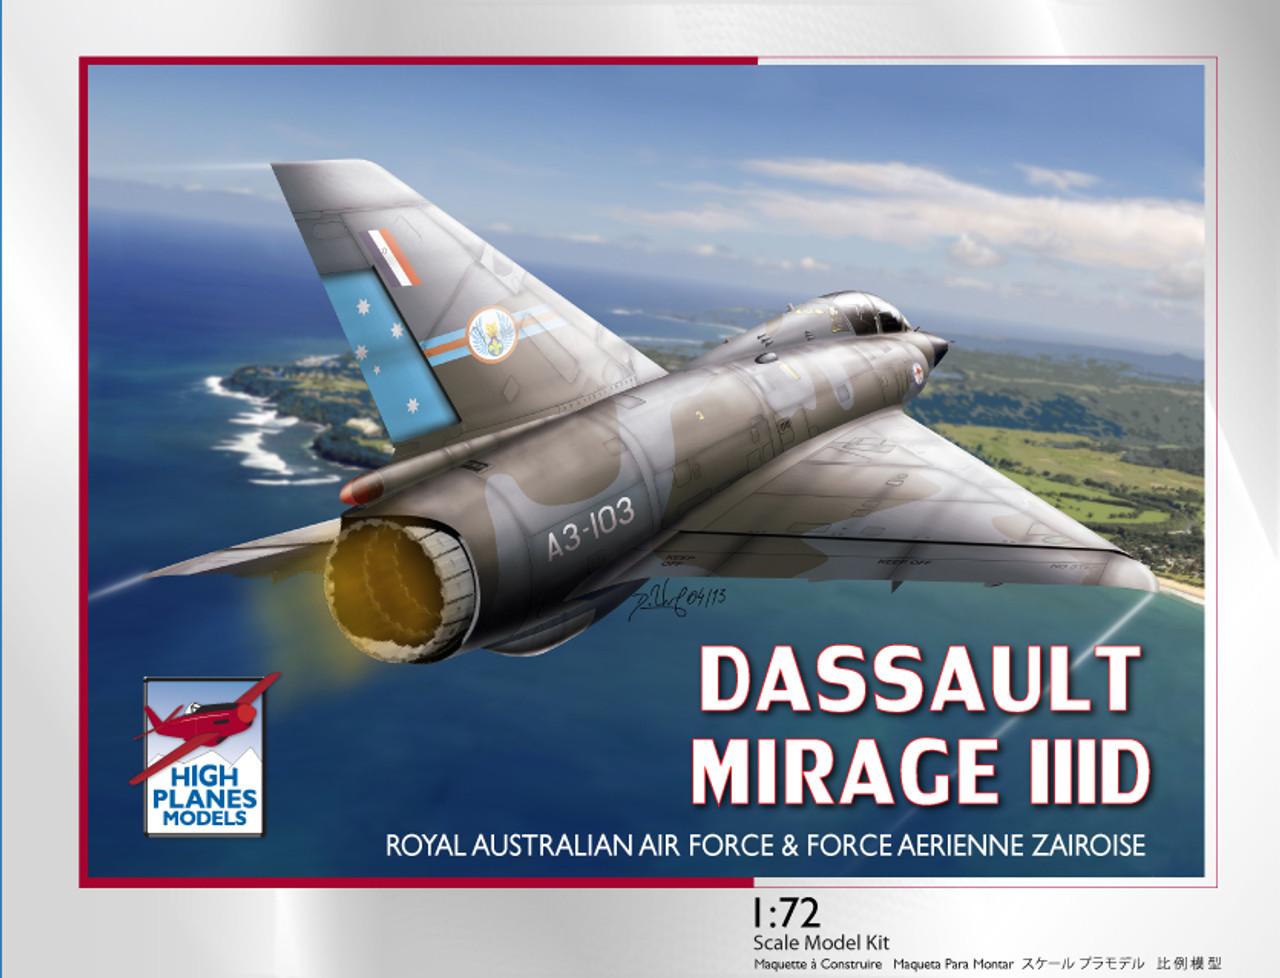 High Planes Dassault Mirage IIID / 5D RAAF & Force Aerienne Zaire Kit 1:72